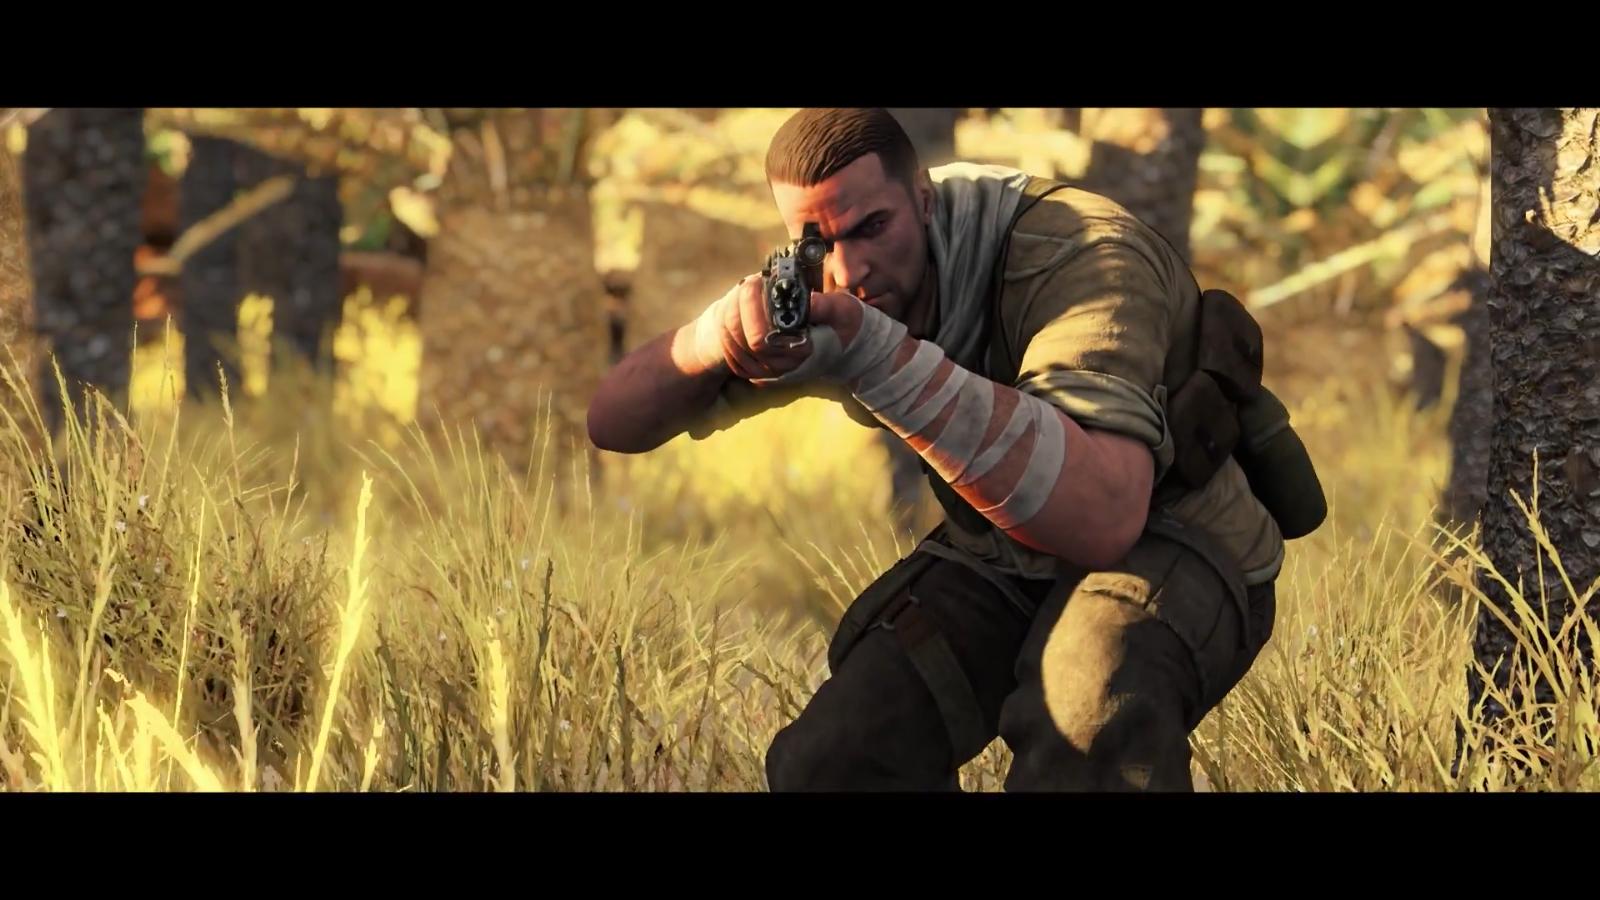 Sniper-Elite-3-2106